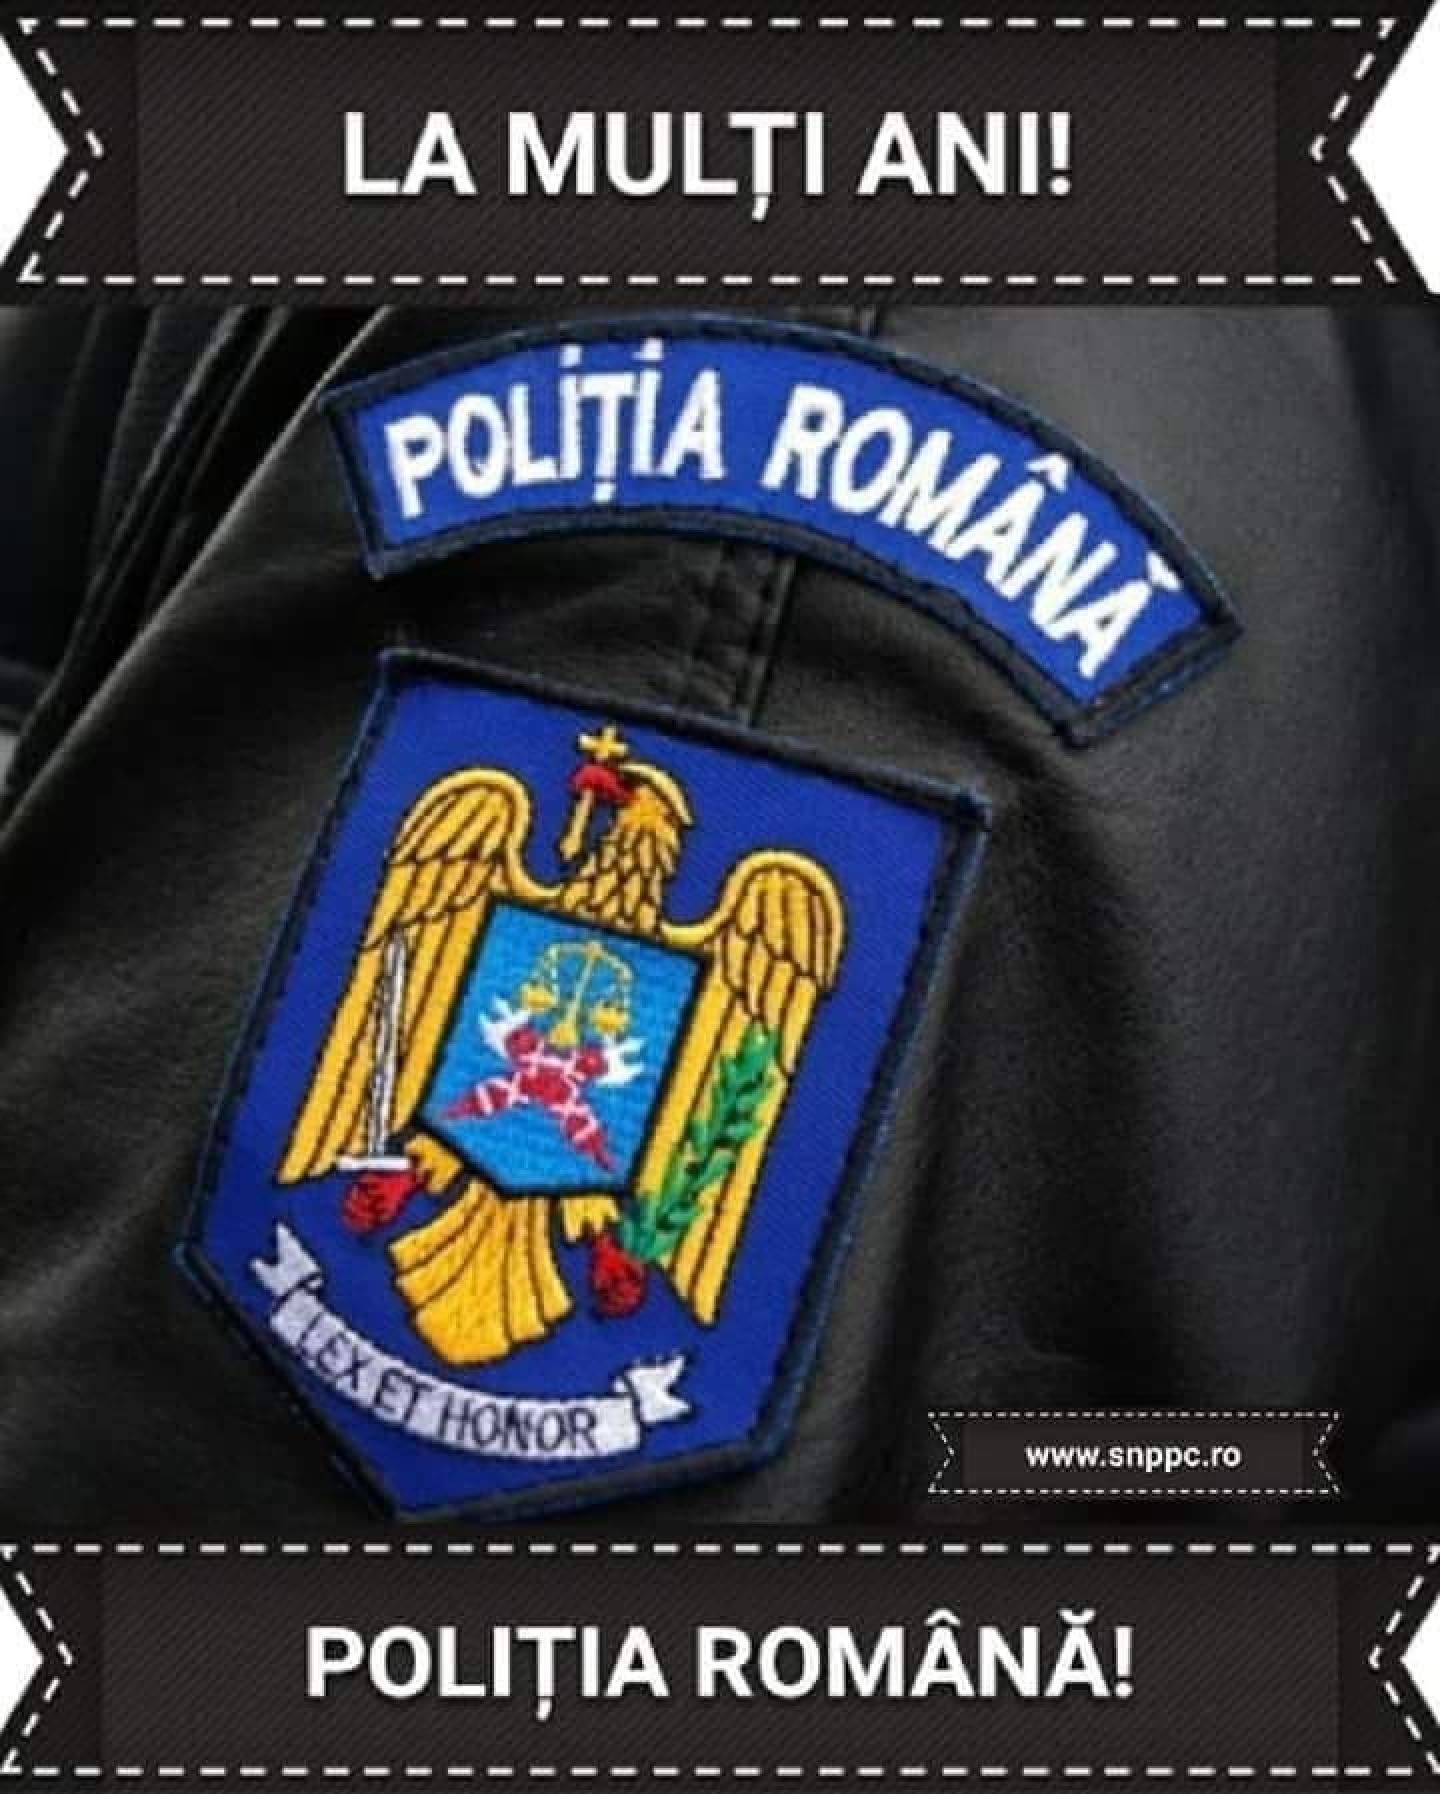 25 martie 2020 - 198 de ani de la fondarea Poliției Române: doar o aniversare, nu și o sărbătoare!